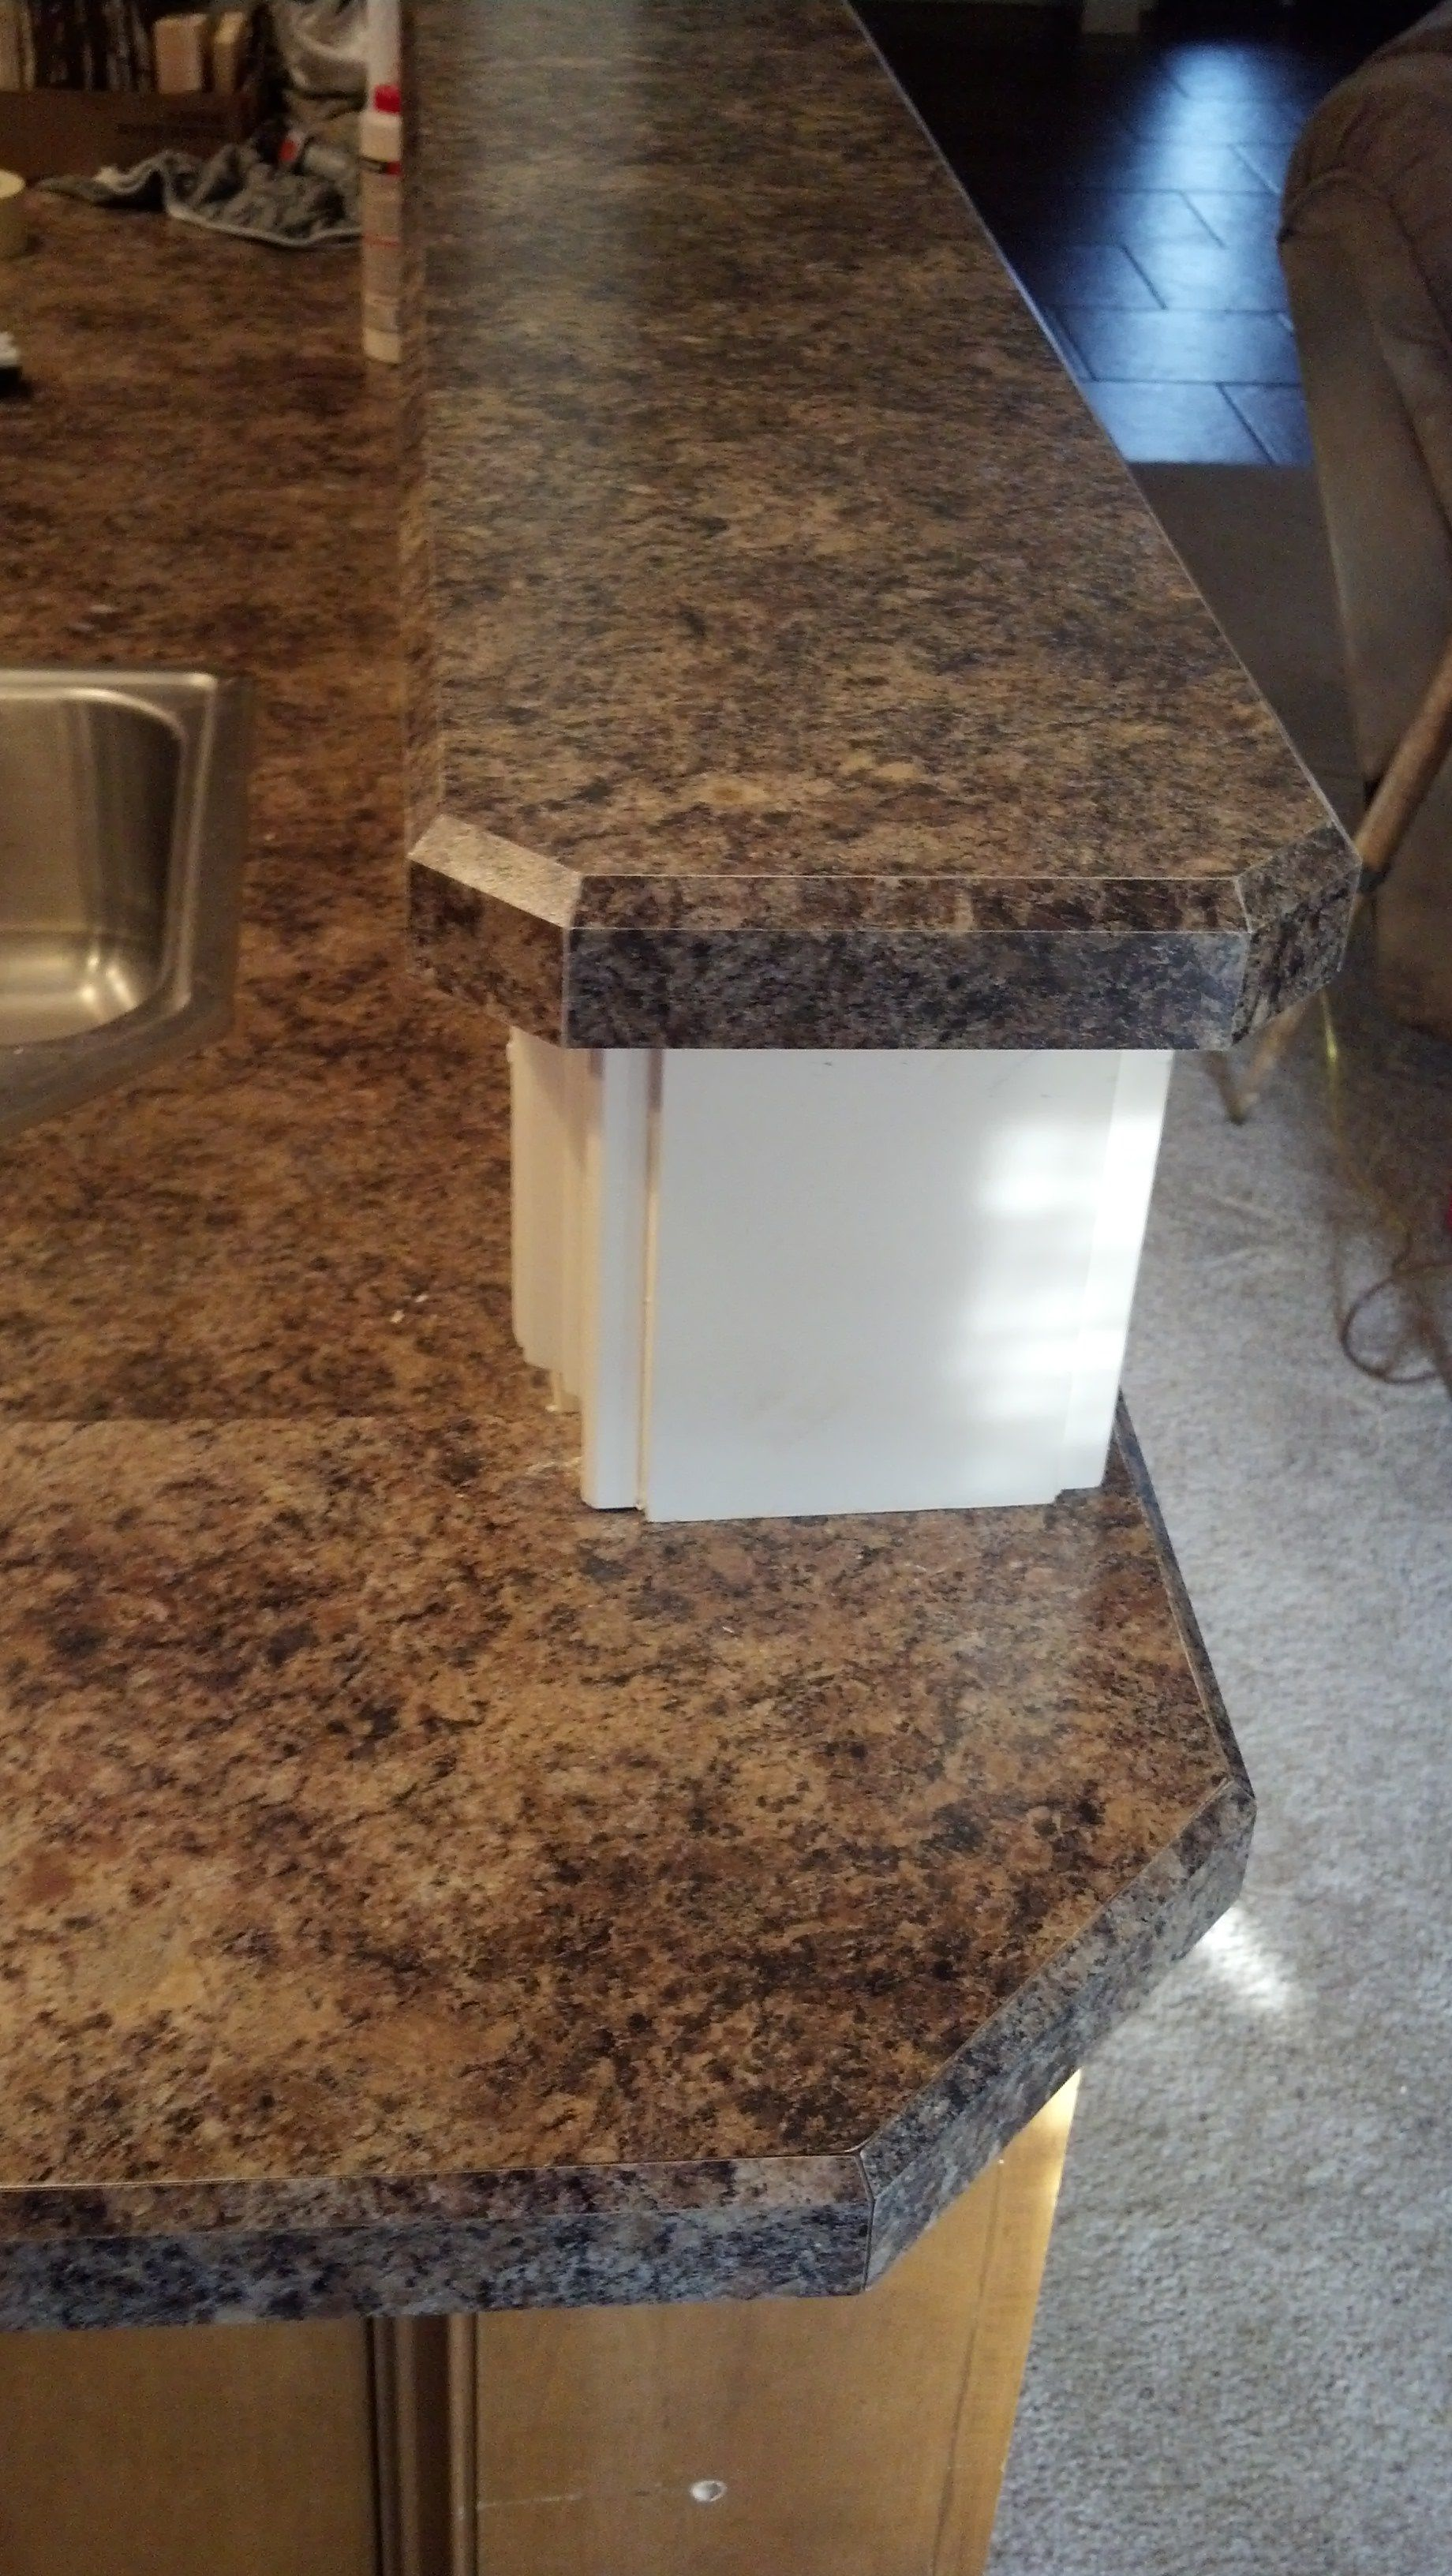 Bevel Edge Laminate Countertop Trim In Formica# 7734 Jamocha Granite